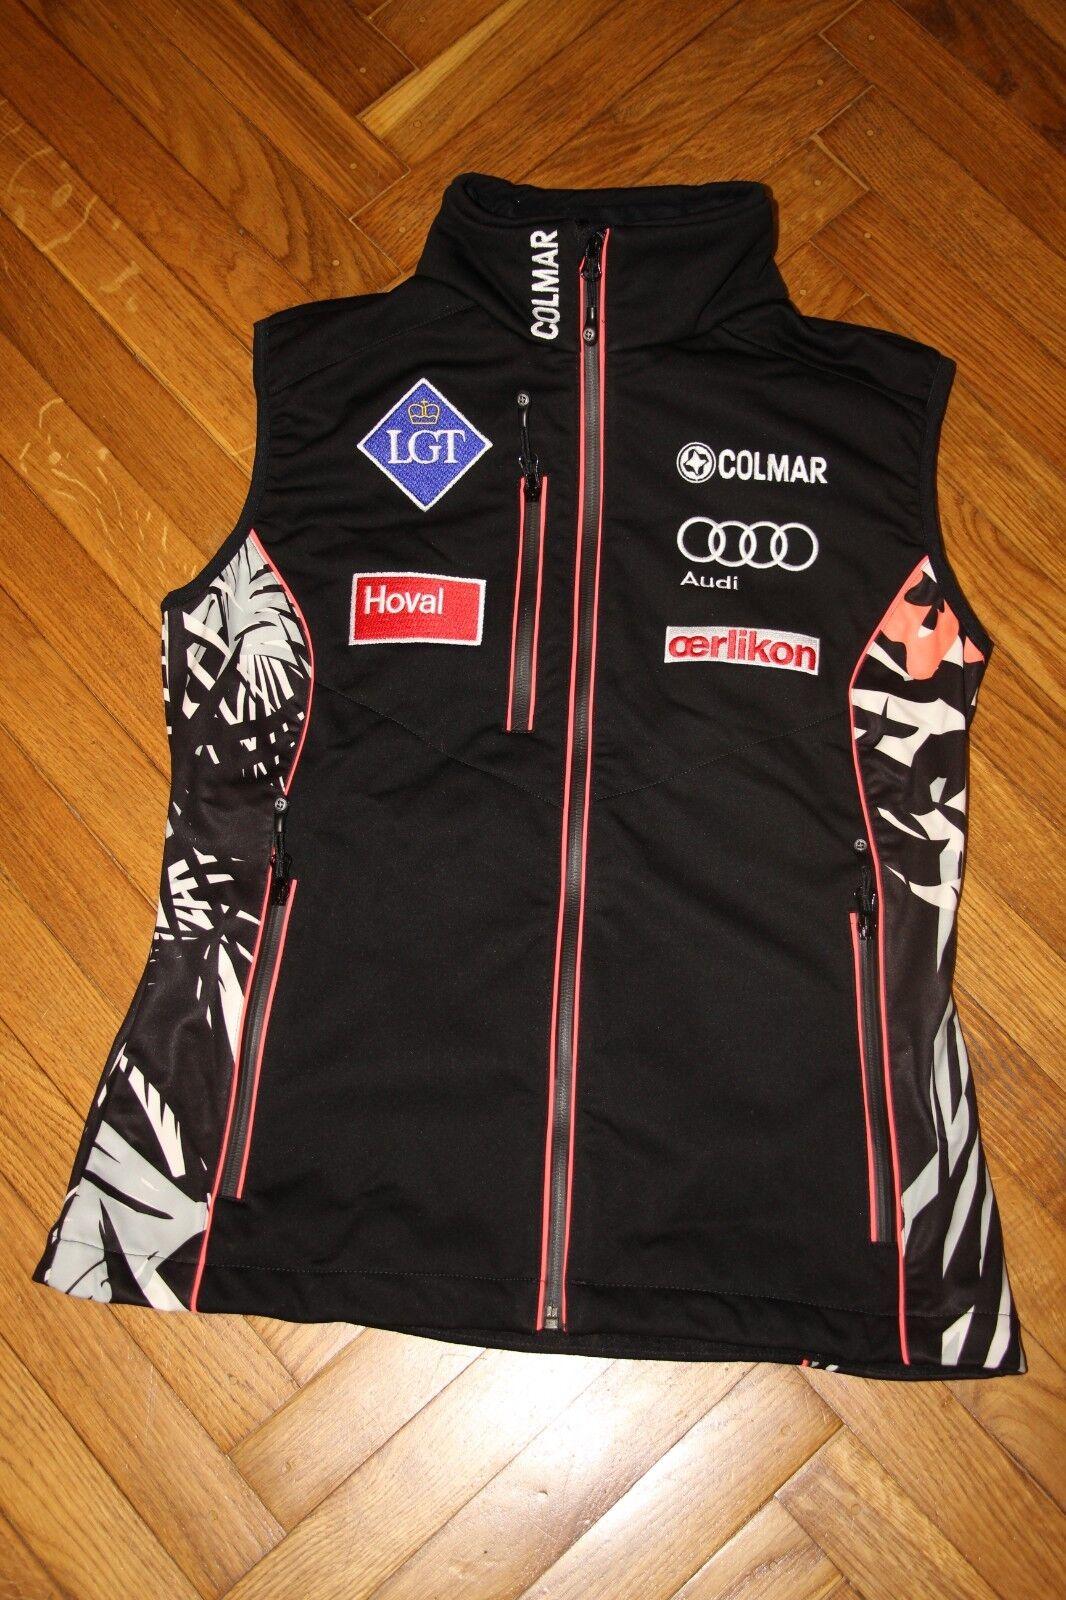 Official Team Liechtenstein Colmar Training Vest - Women's Size L